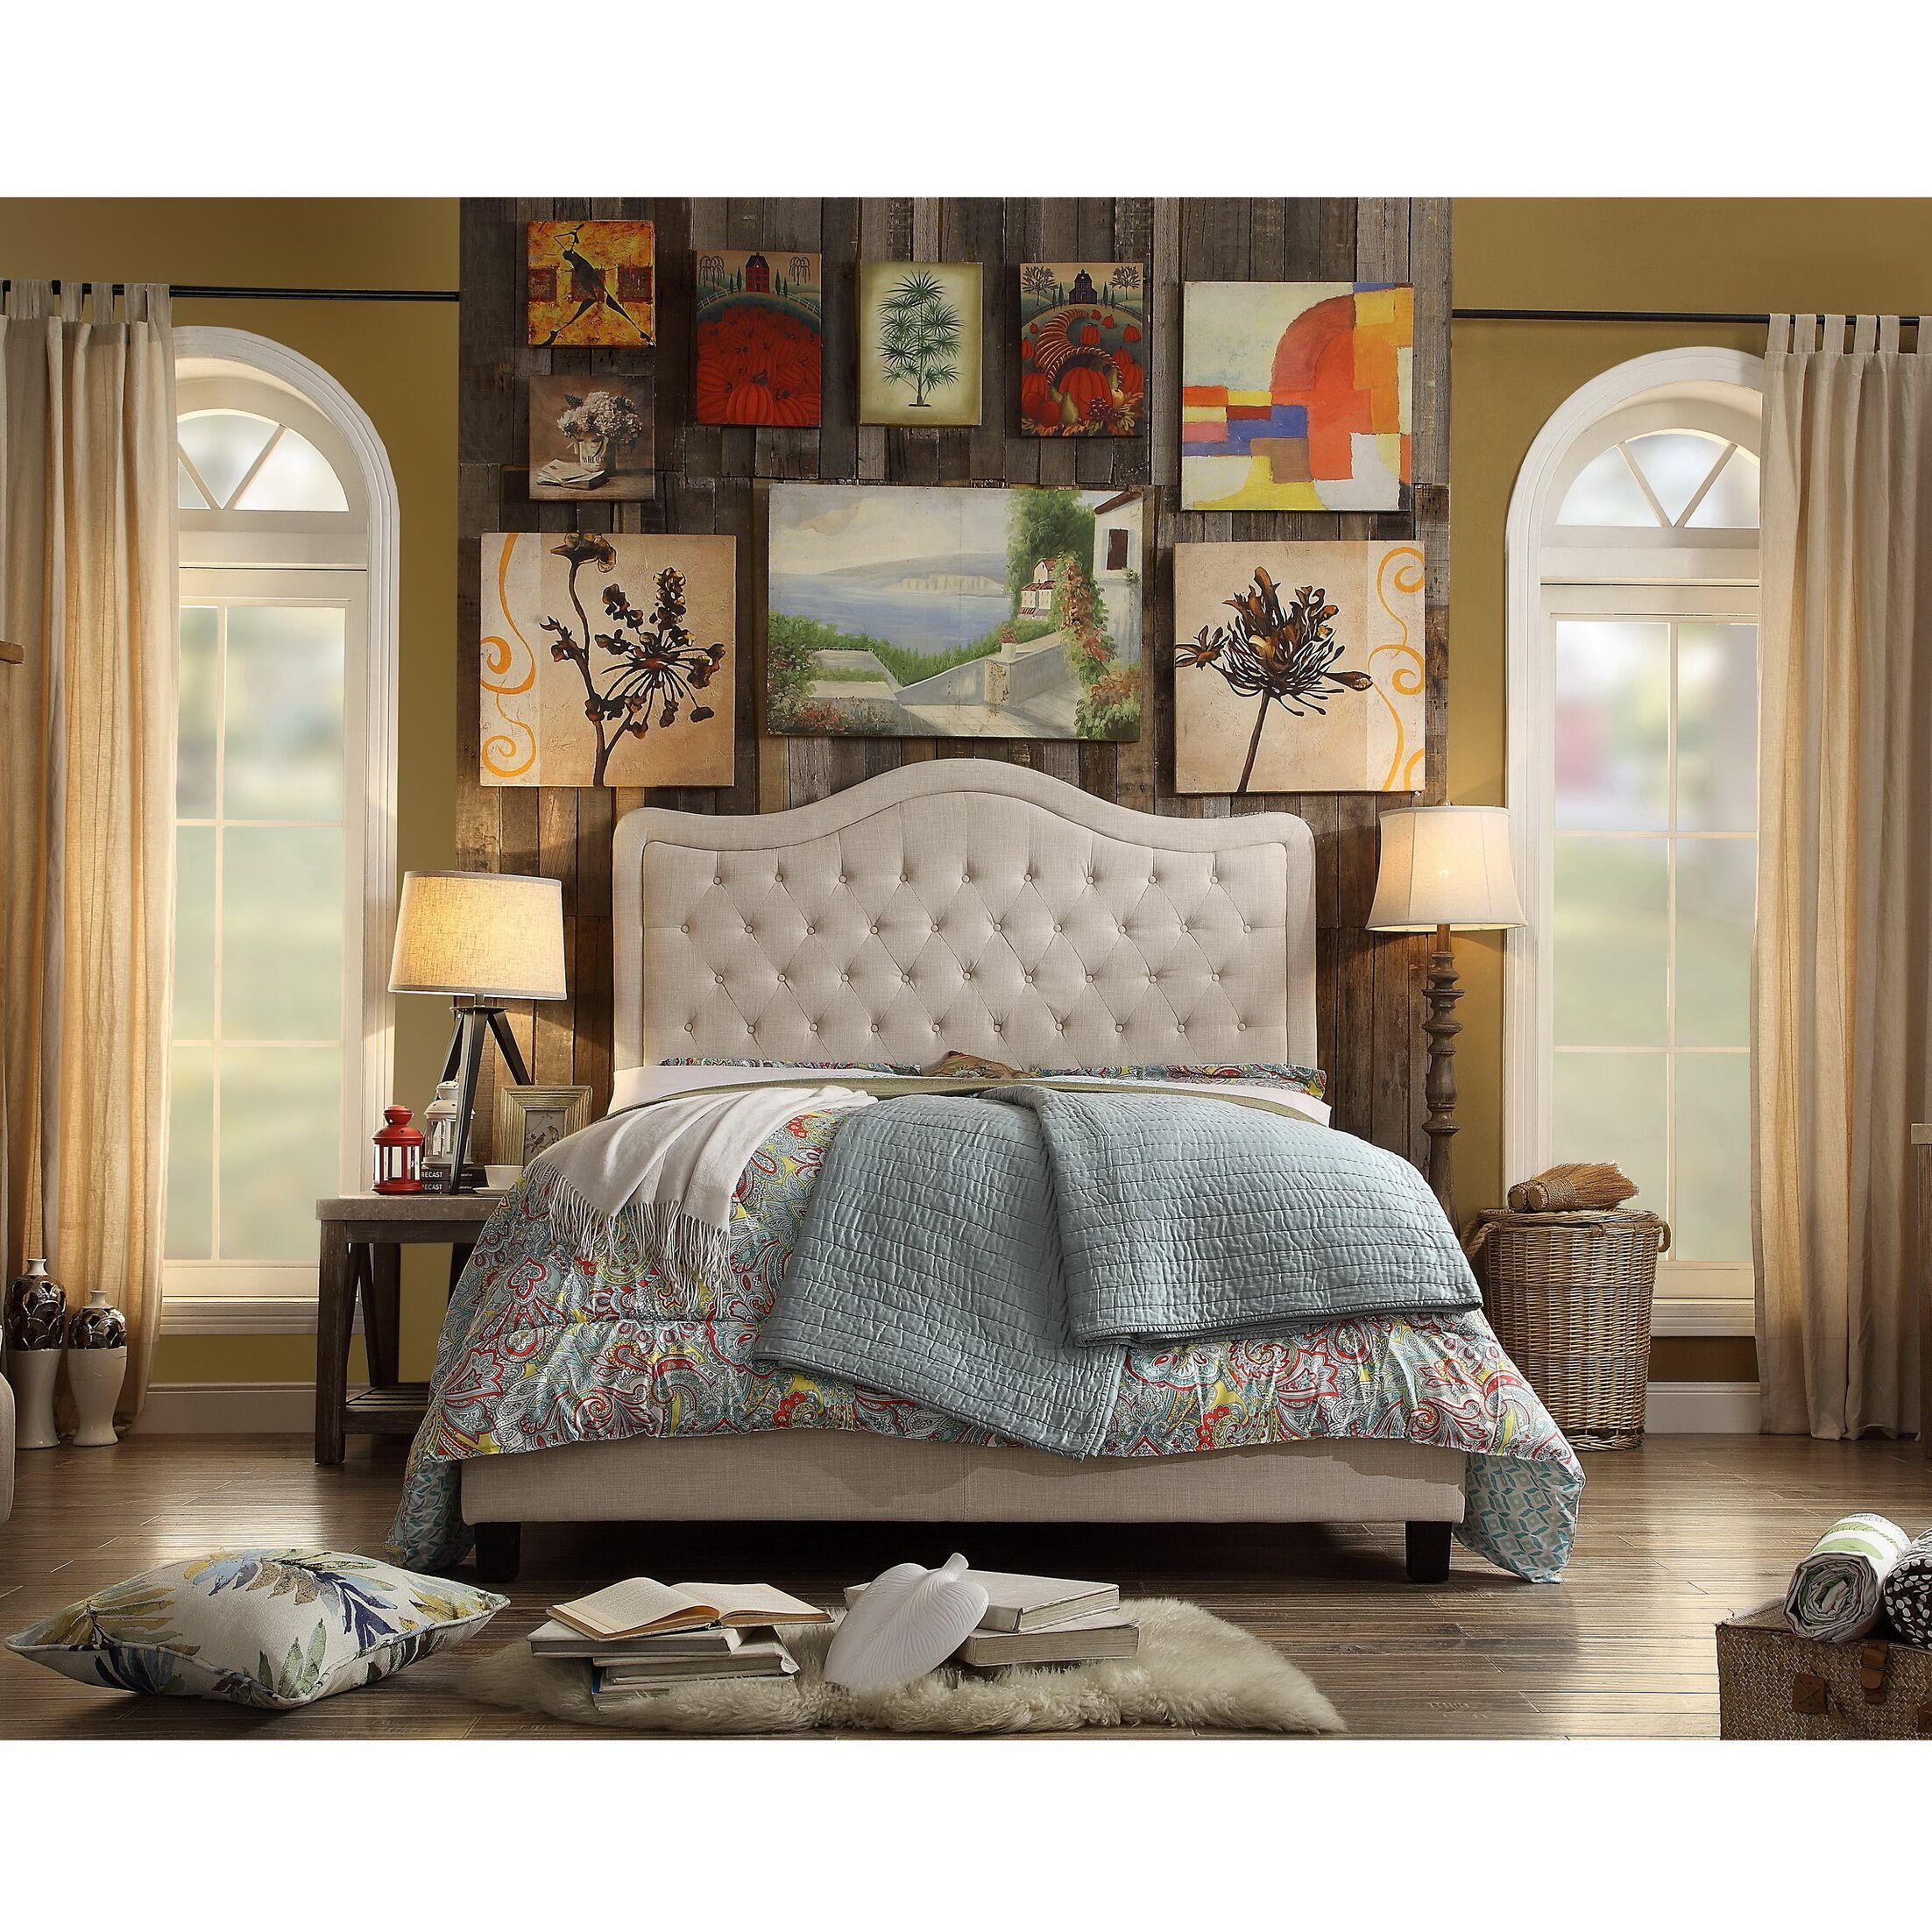 Bannan Upholstered Platform Bed Color: Beige, Size: Full